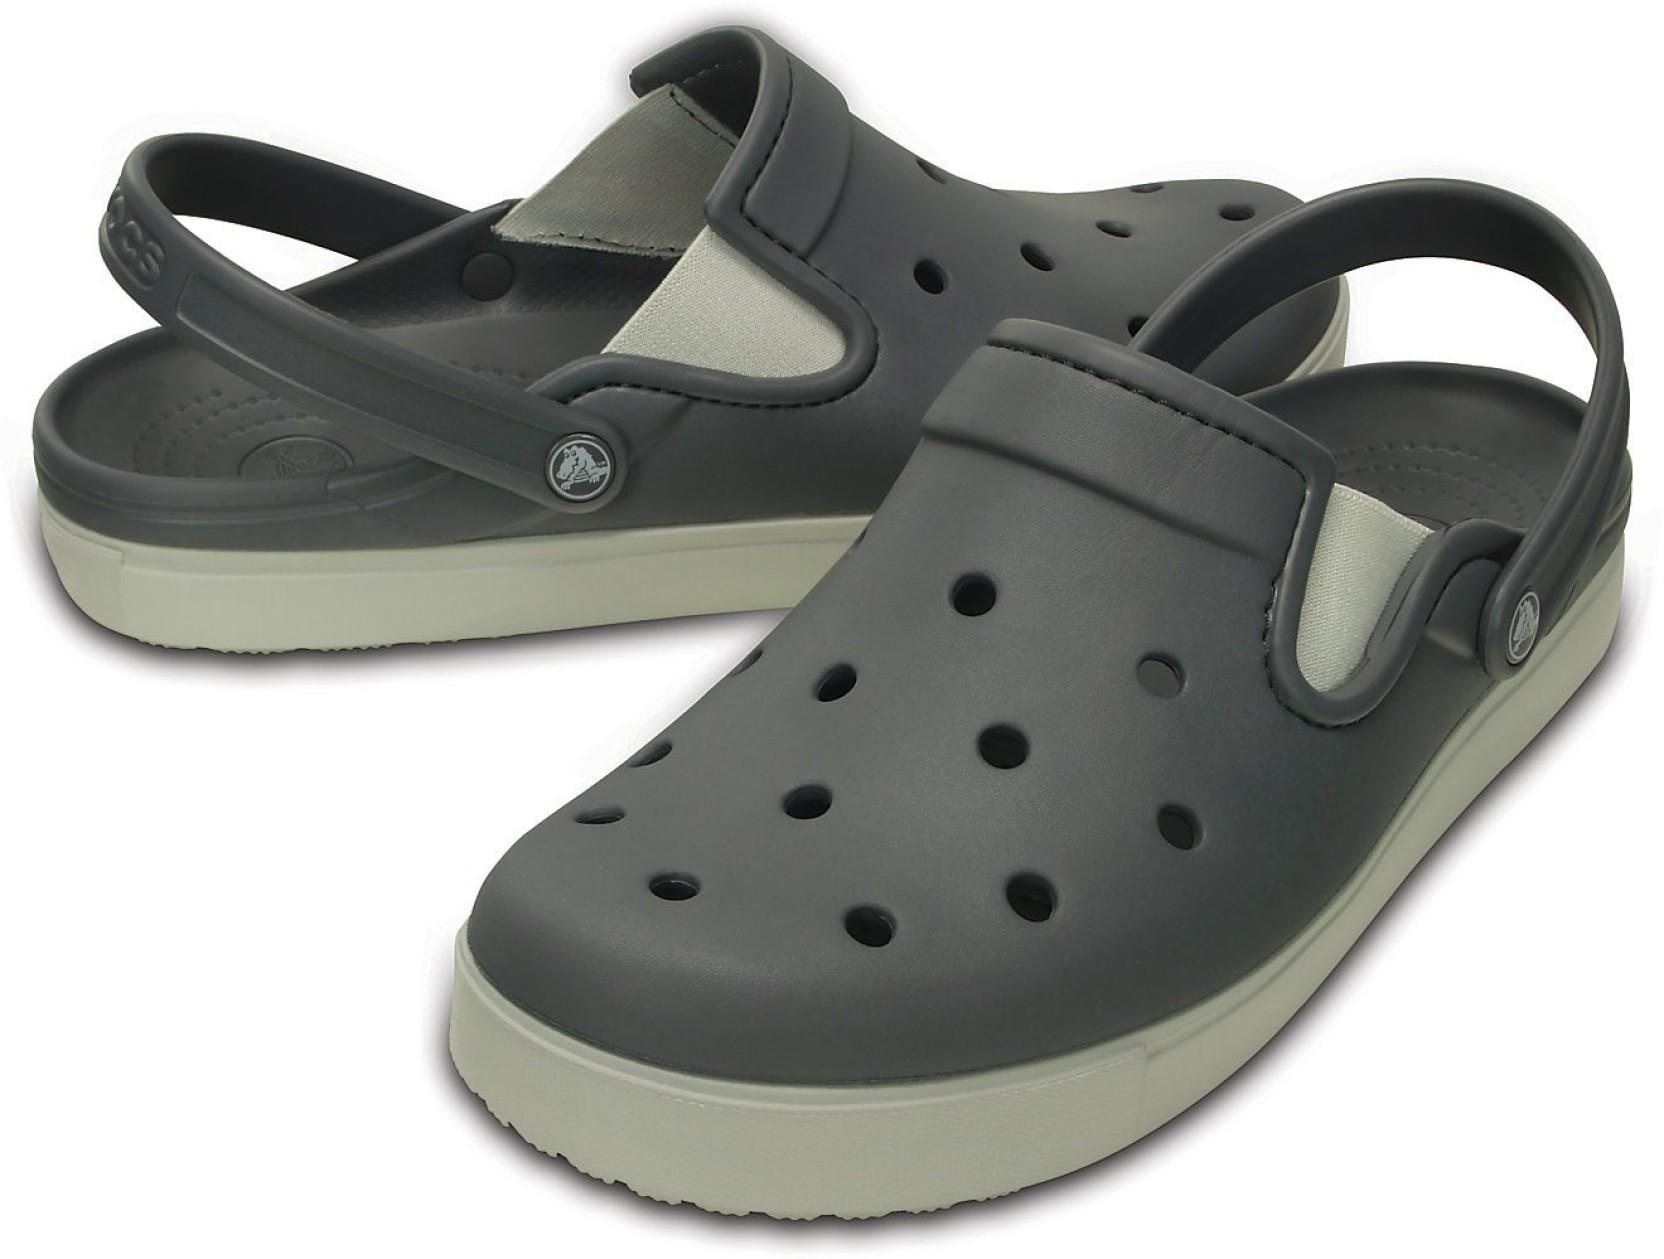 794b1e55d72c Crocs women grey clogs buy color crocs women grey clogs jpg 1664x1259 Crocs  foam machine